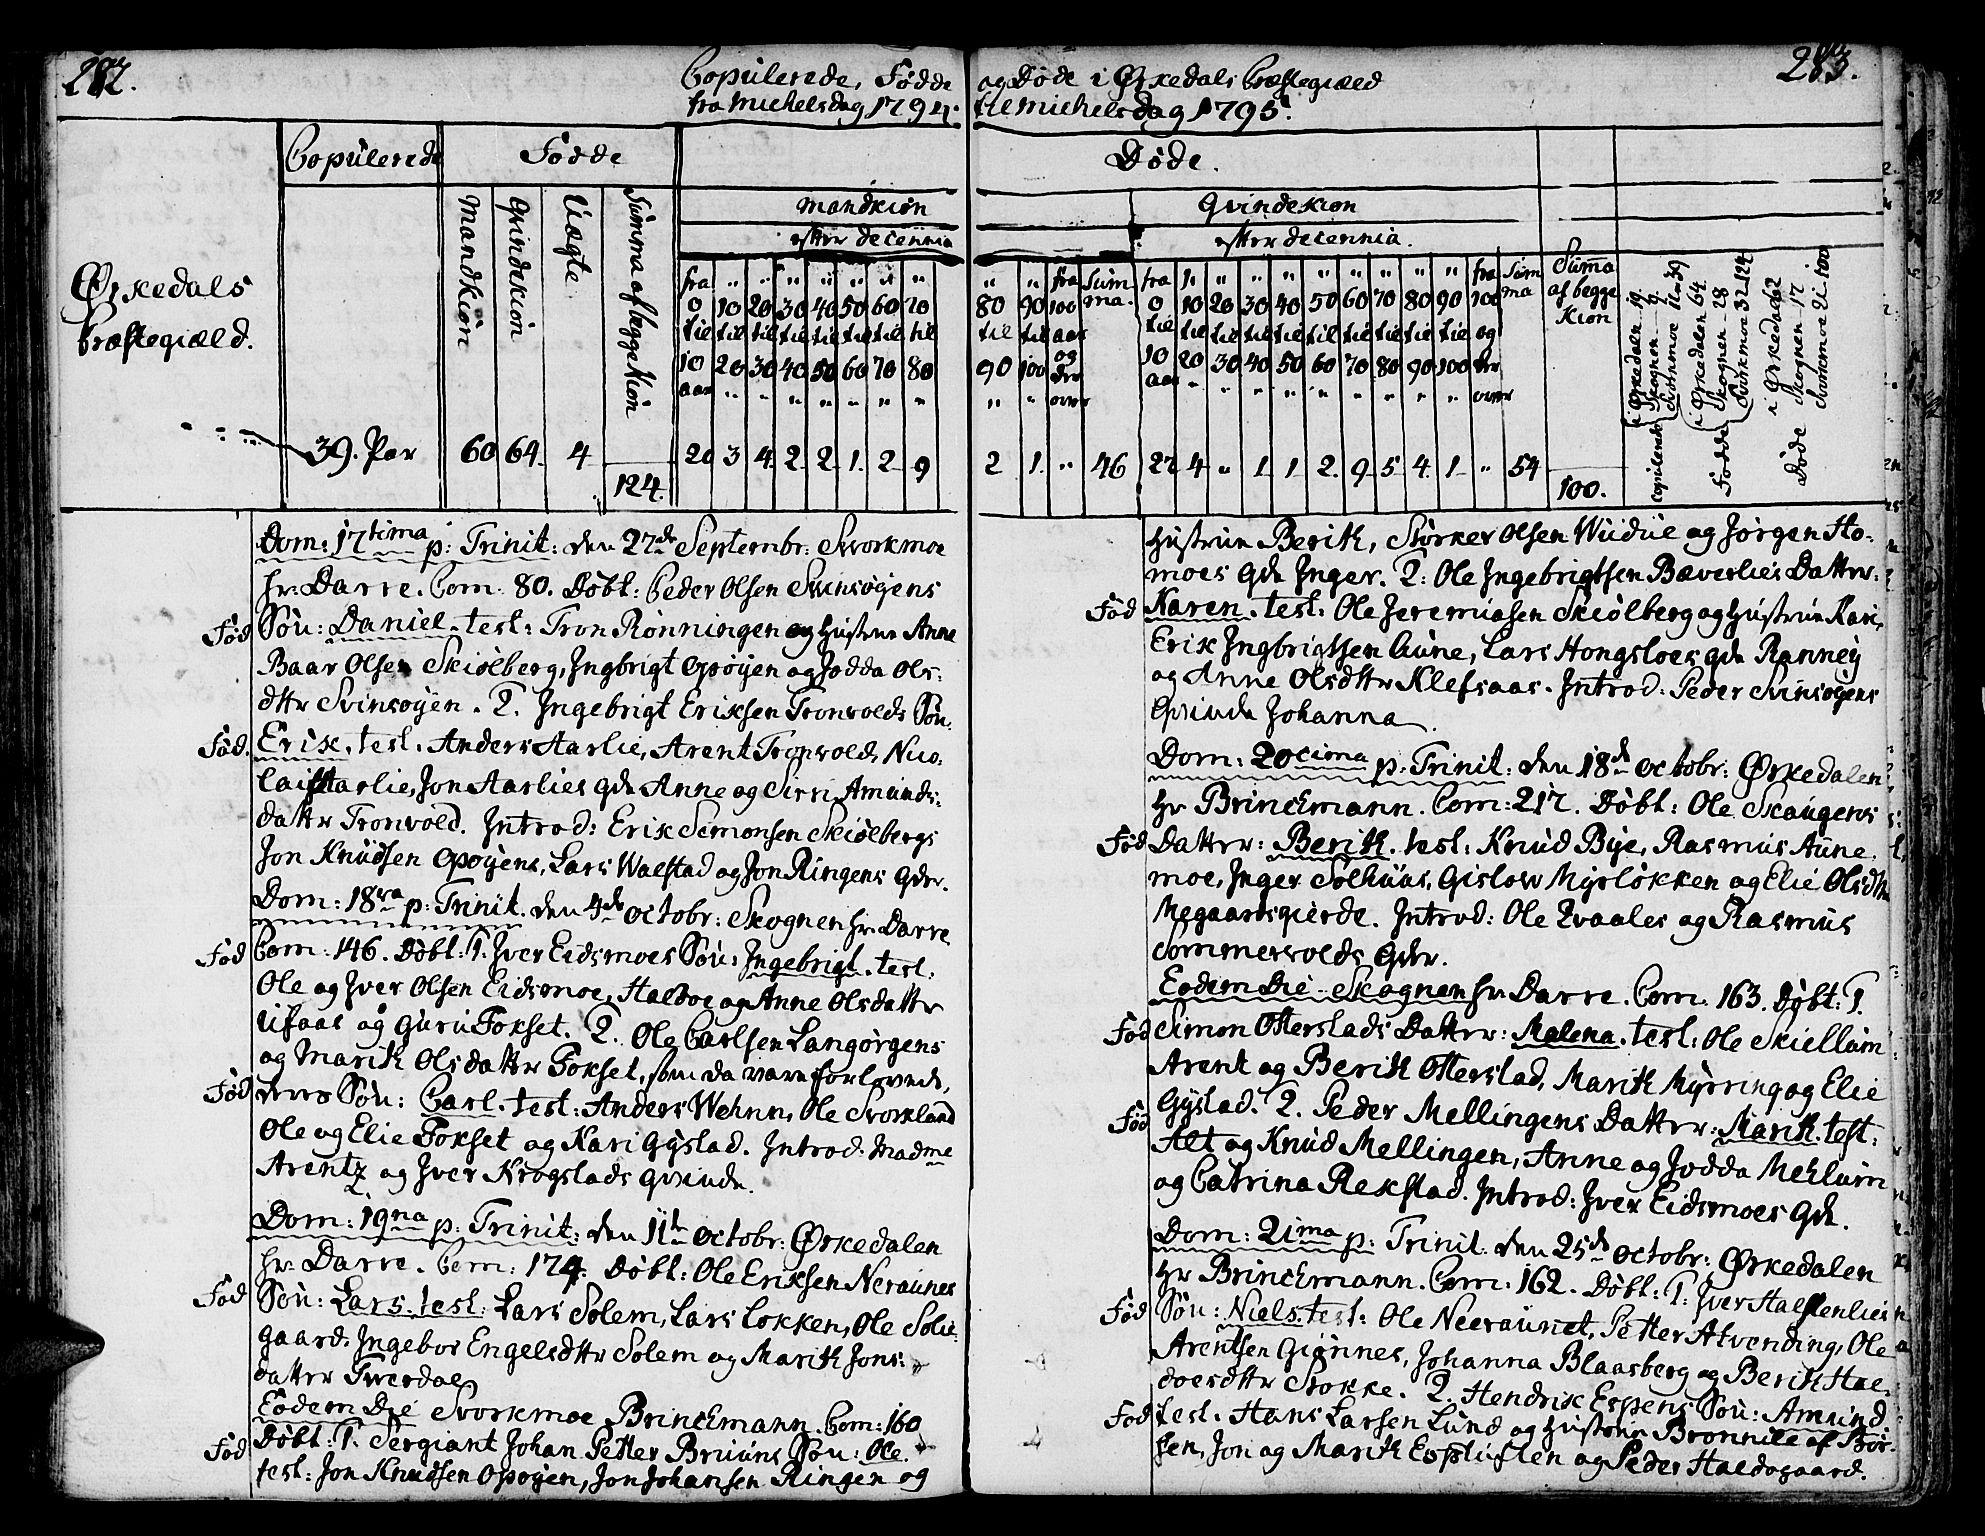 SAT, Ministerialprotokoller, klokkerbøker og fødselsregistre - Sør-Trøndelag, 668/L0802: Ministerialbok nr. 668A02, 1776-1799, s. 282-283